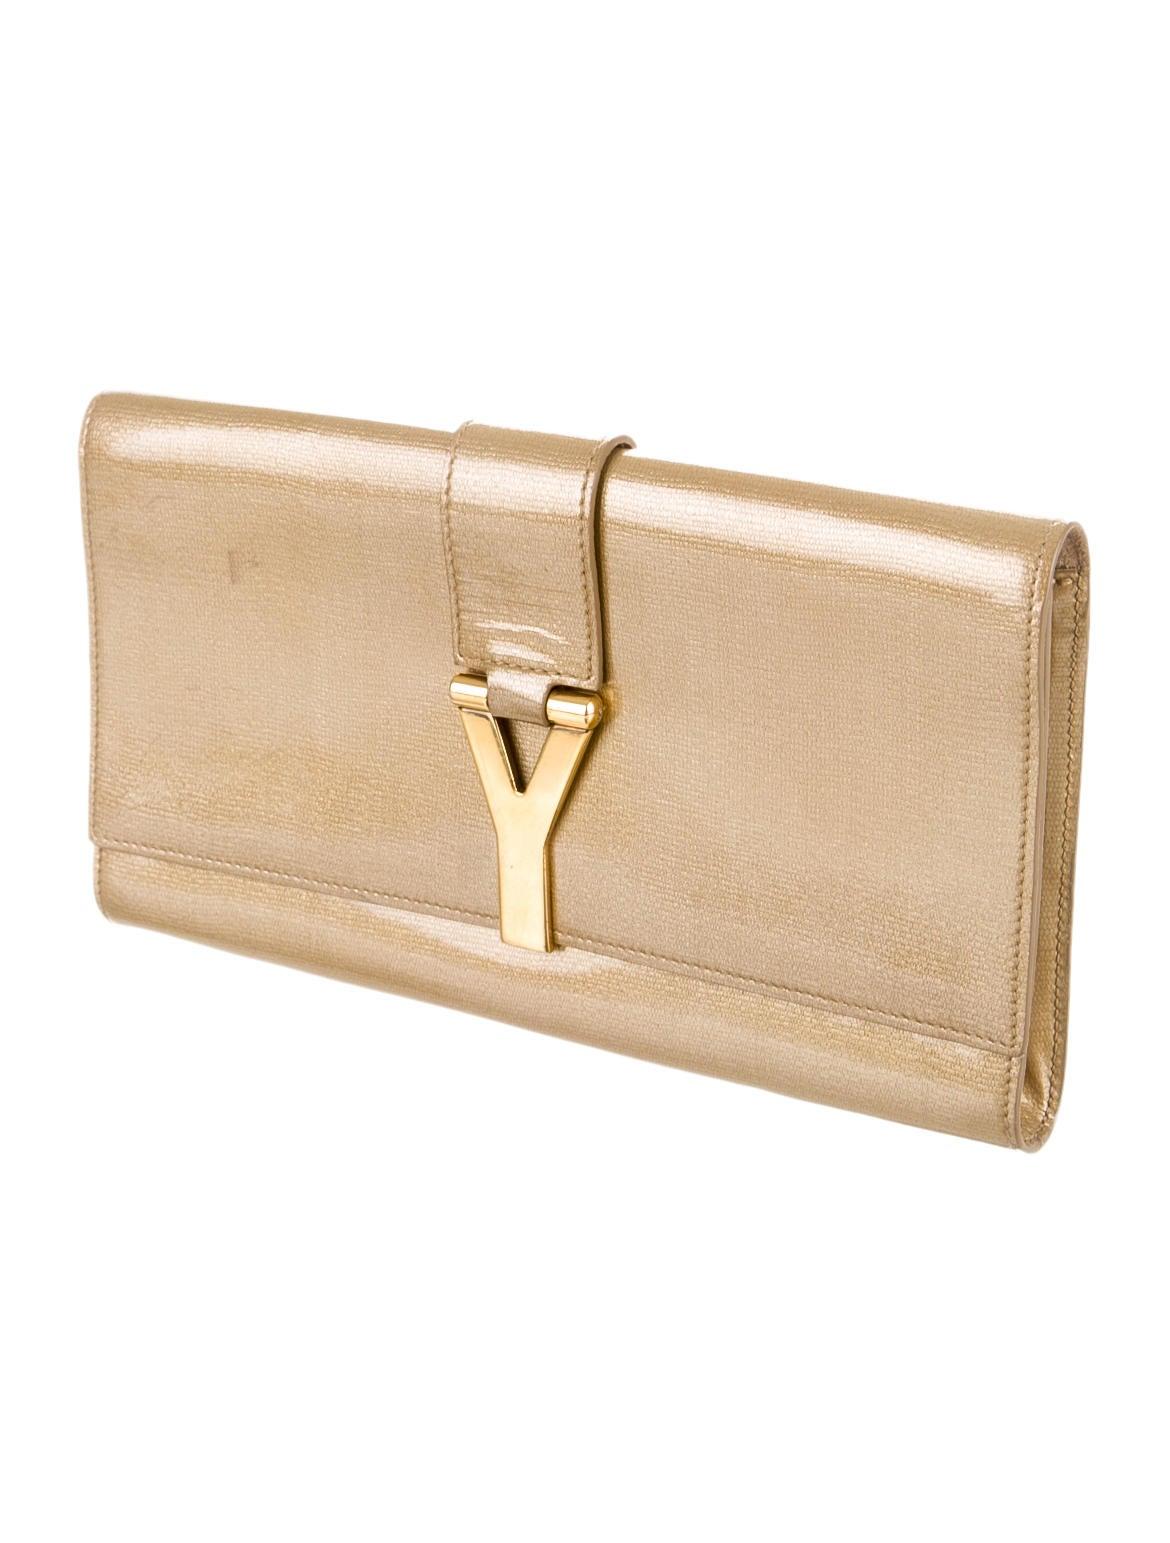 y saint laurent borse - yves saint laurent logo-accented clutch, yves st.laurent purses